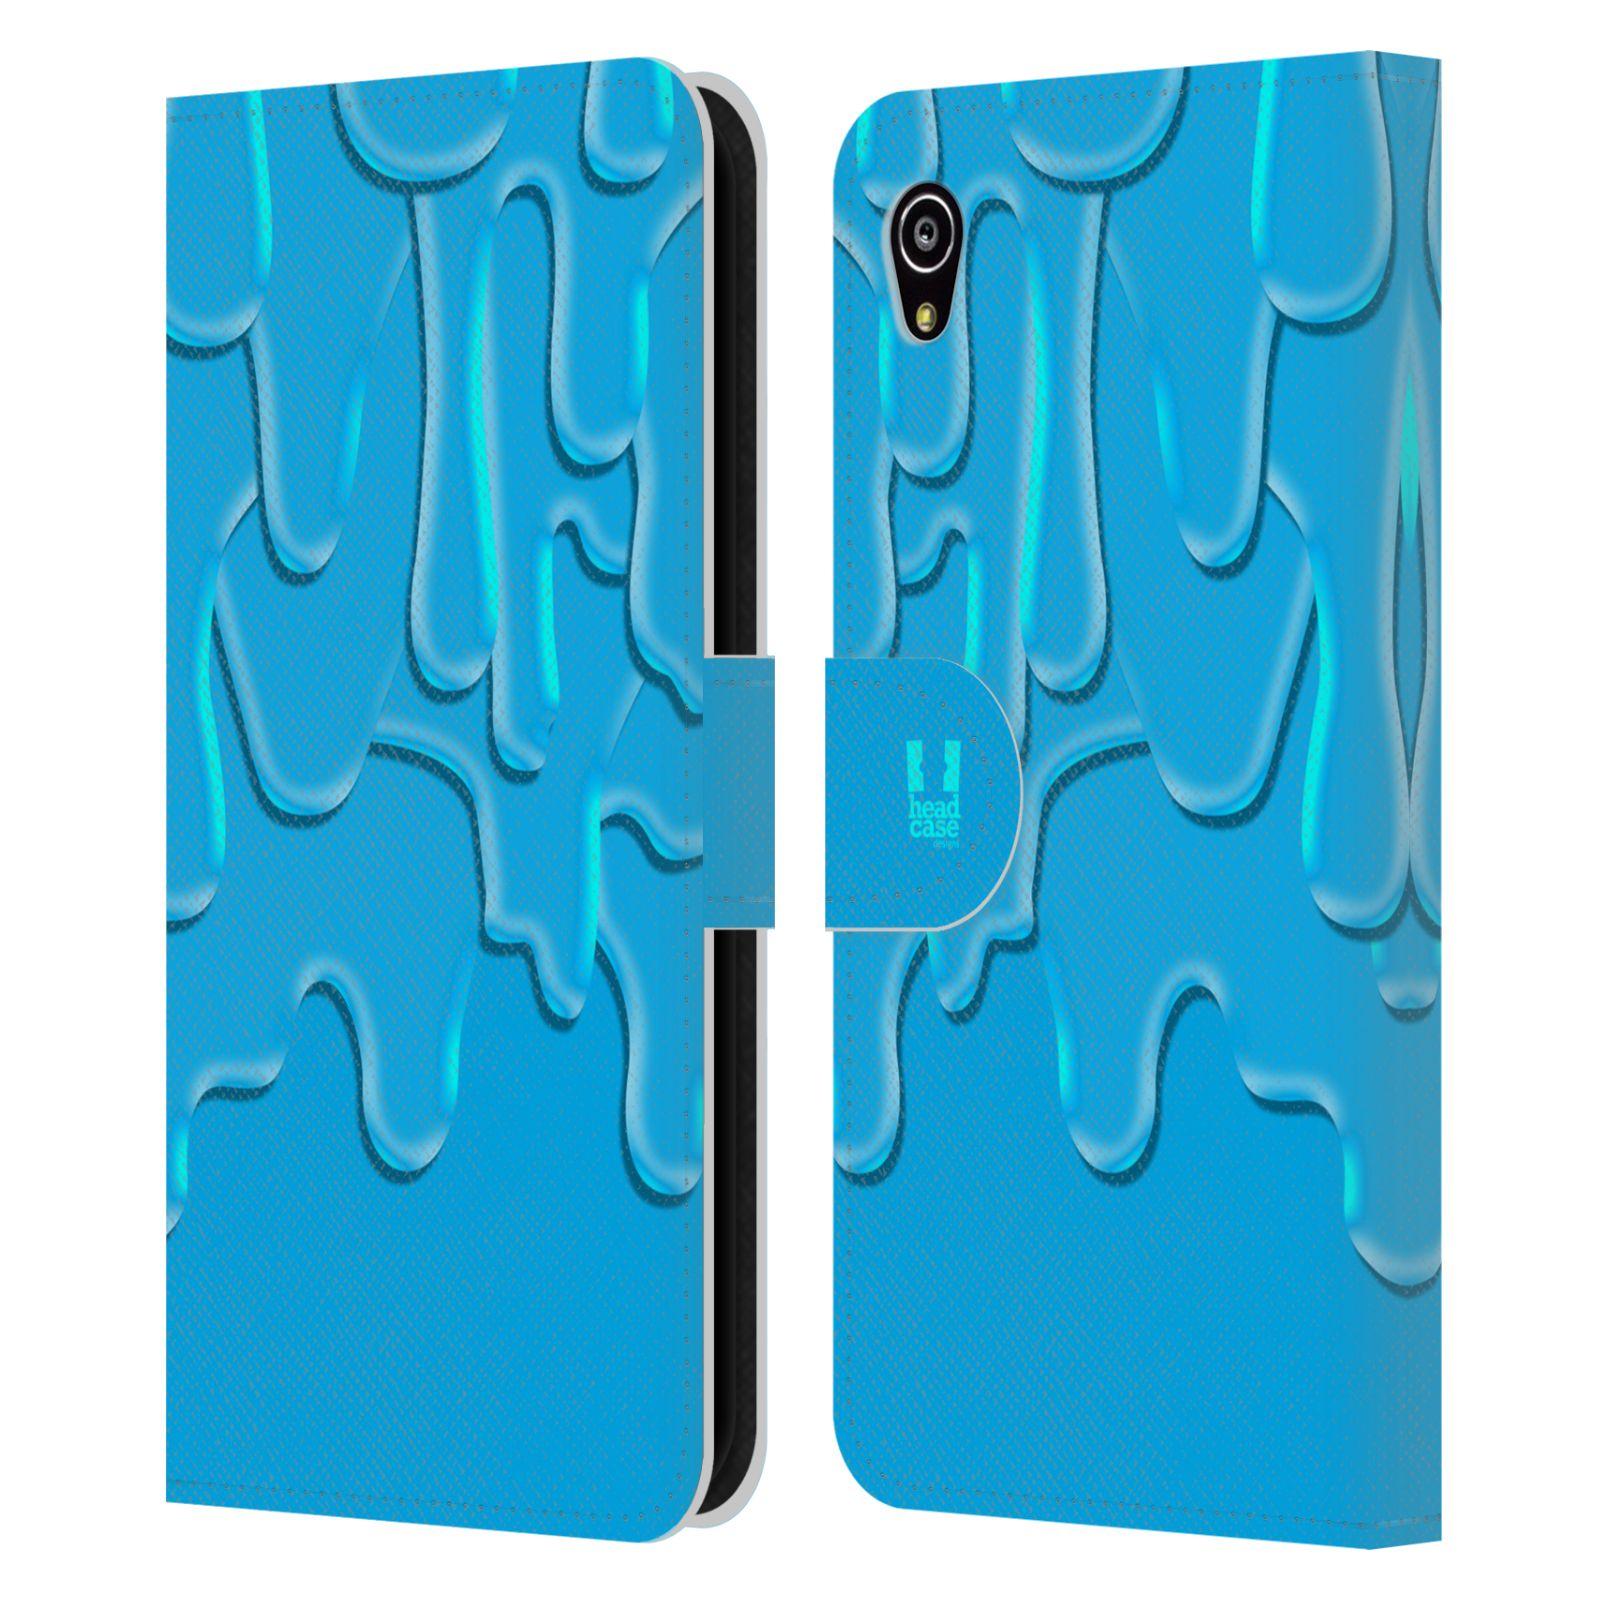 HEAD CASE Flipové pouzdro pro mobil SONY XPERIA M4 AQUA ZÁPLAVA BARVA tyrkysová modrá